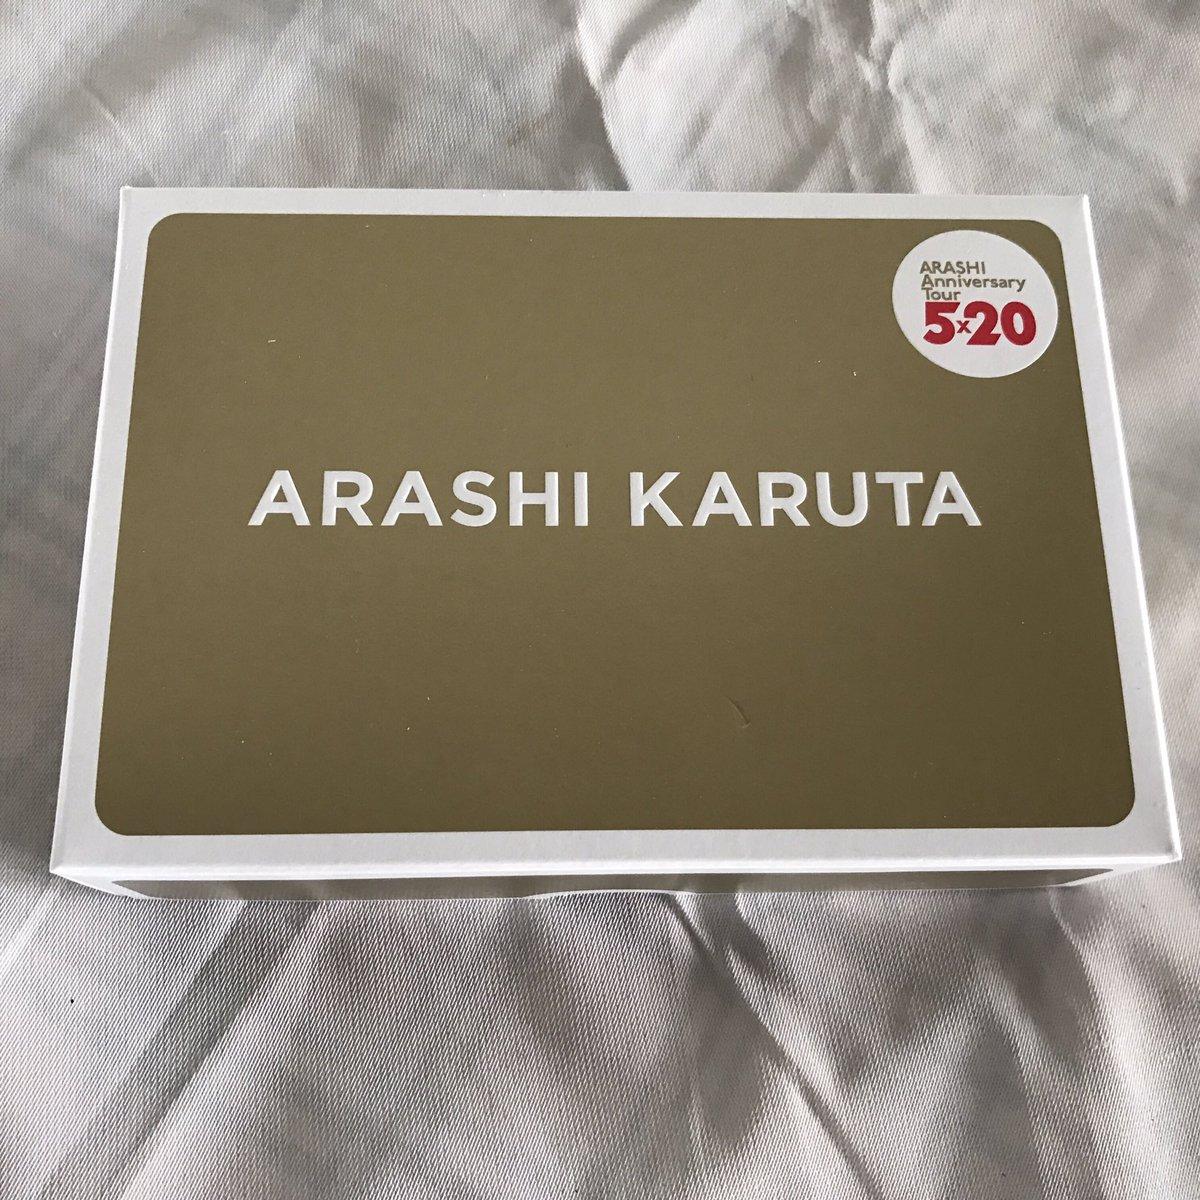 【嵐5×20・グッズ④ー1】ARASHIかるた 1600円箱とあ行〜さ行  #arashicg